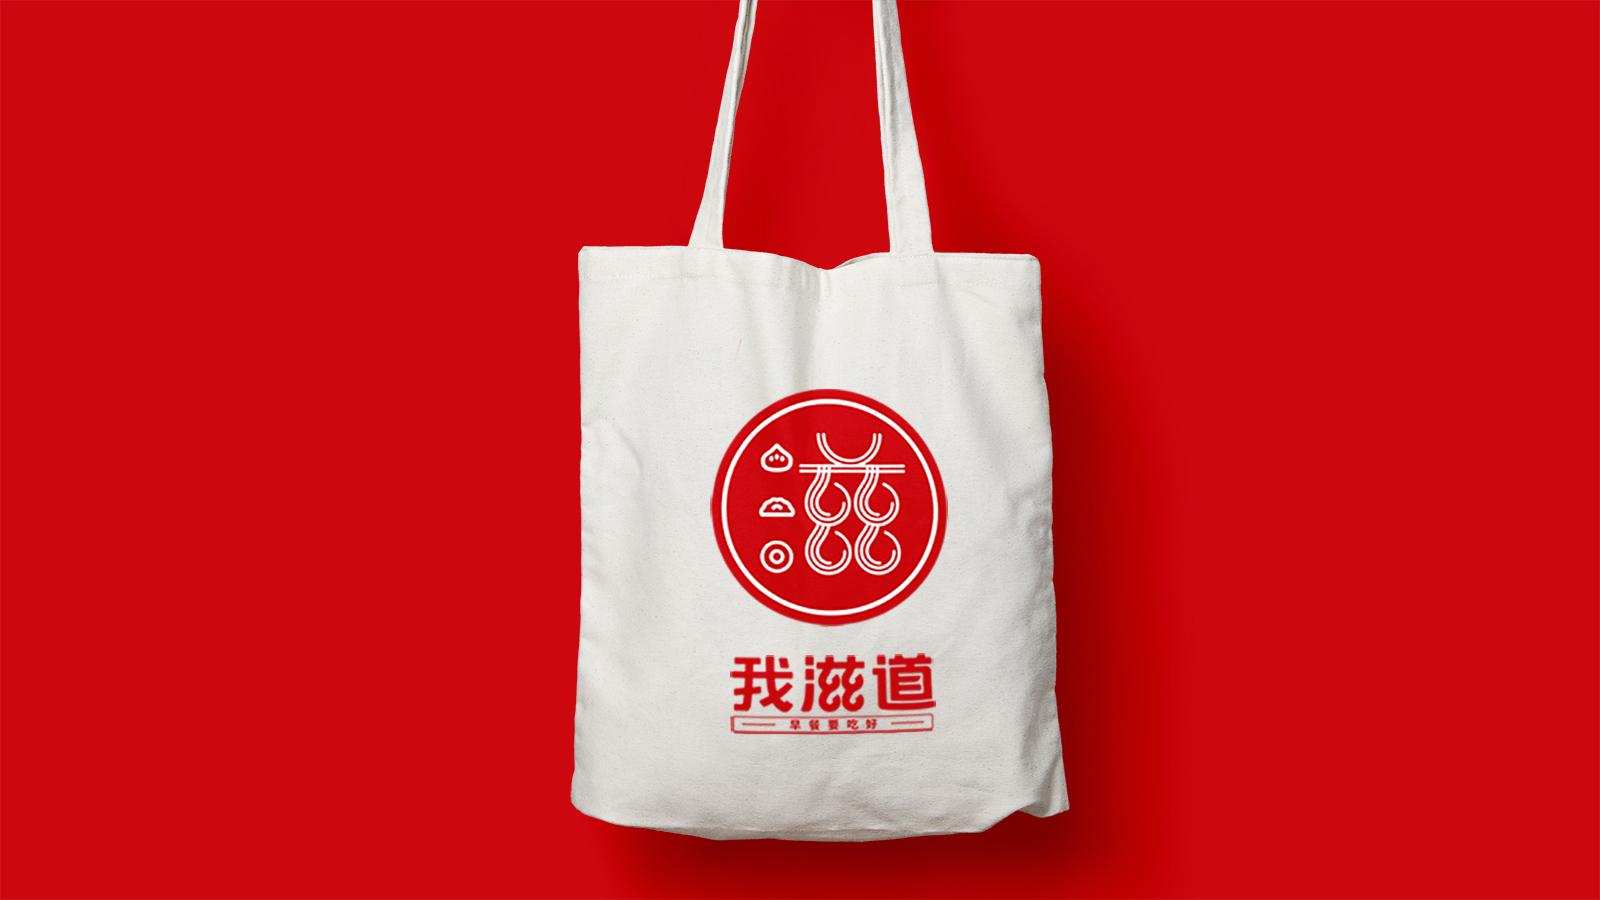 武汉餐饮品牌营销策划设计